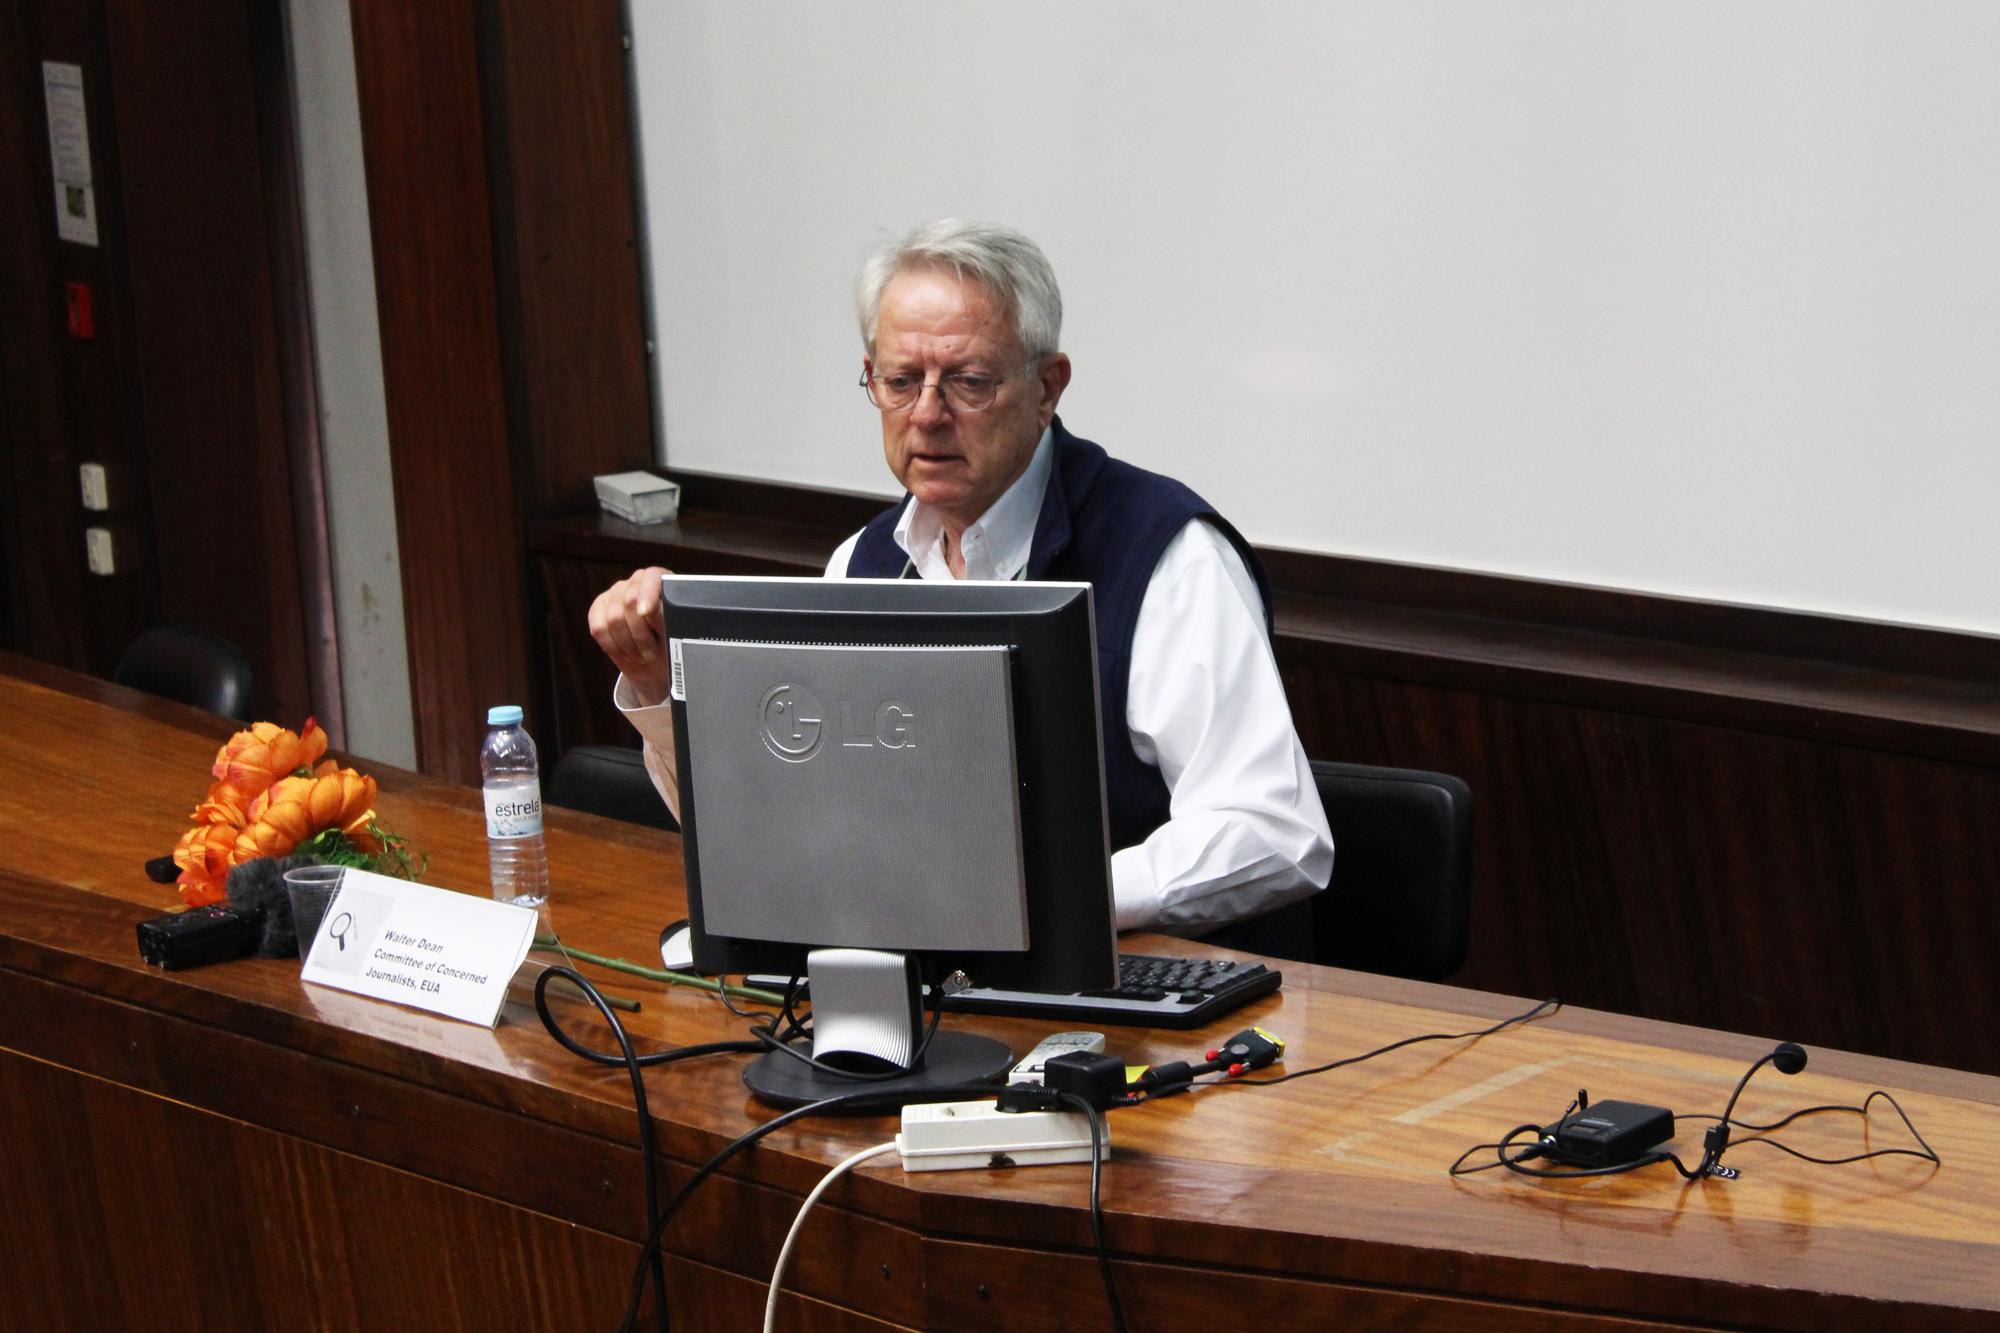 Walter Dean na sessão de abertura do #6COBCIBER